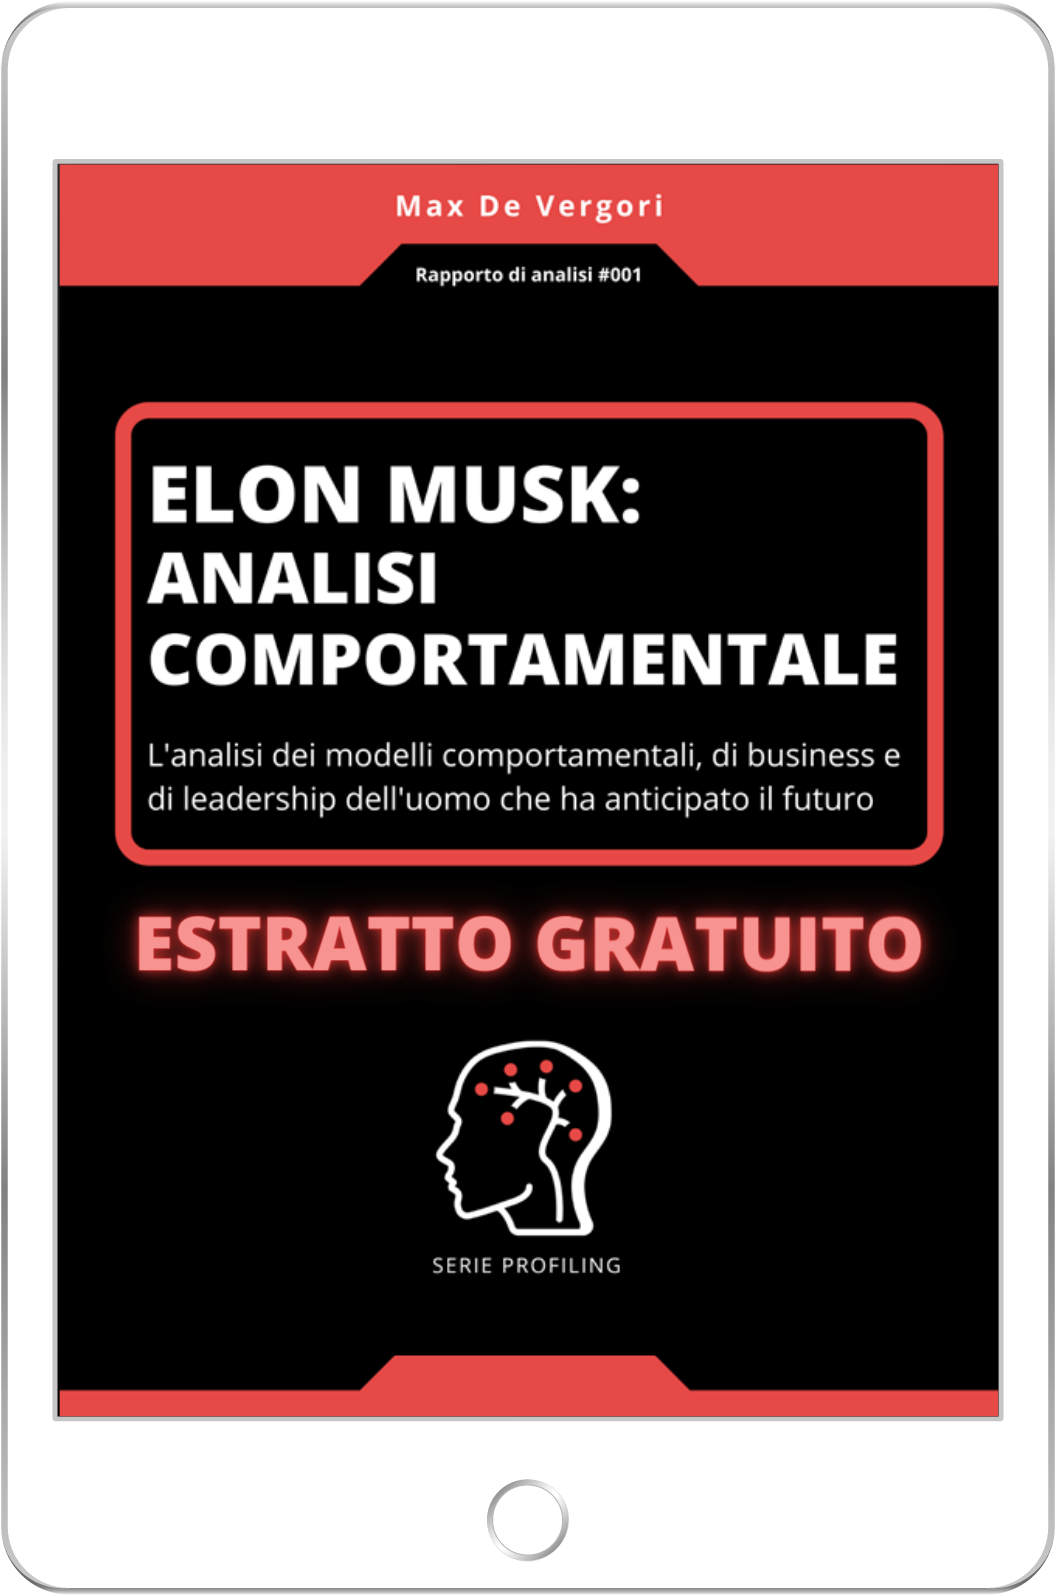 Elon Musk: analisi comportamentale   Estratto Gratuito   Modelli di Successo